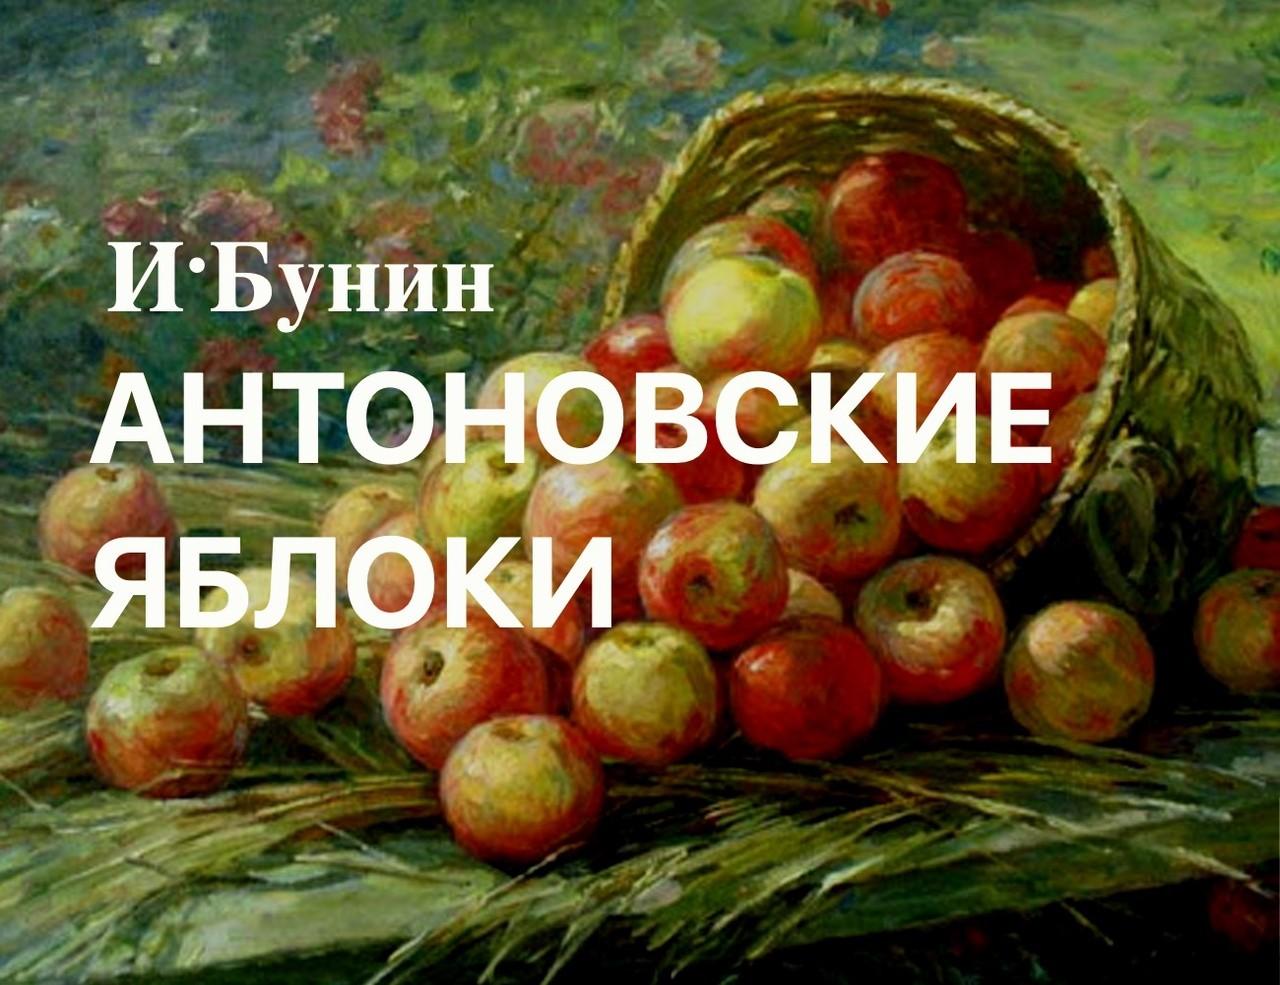 """""""Антоновские яблоки"""" рассказ. Автор Иван Бунин"""